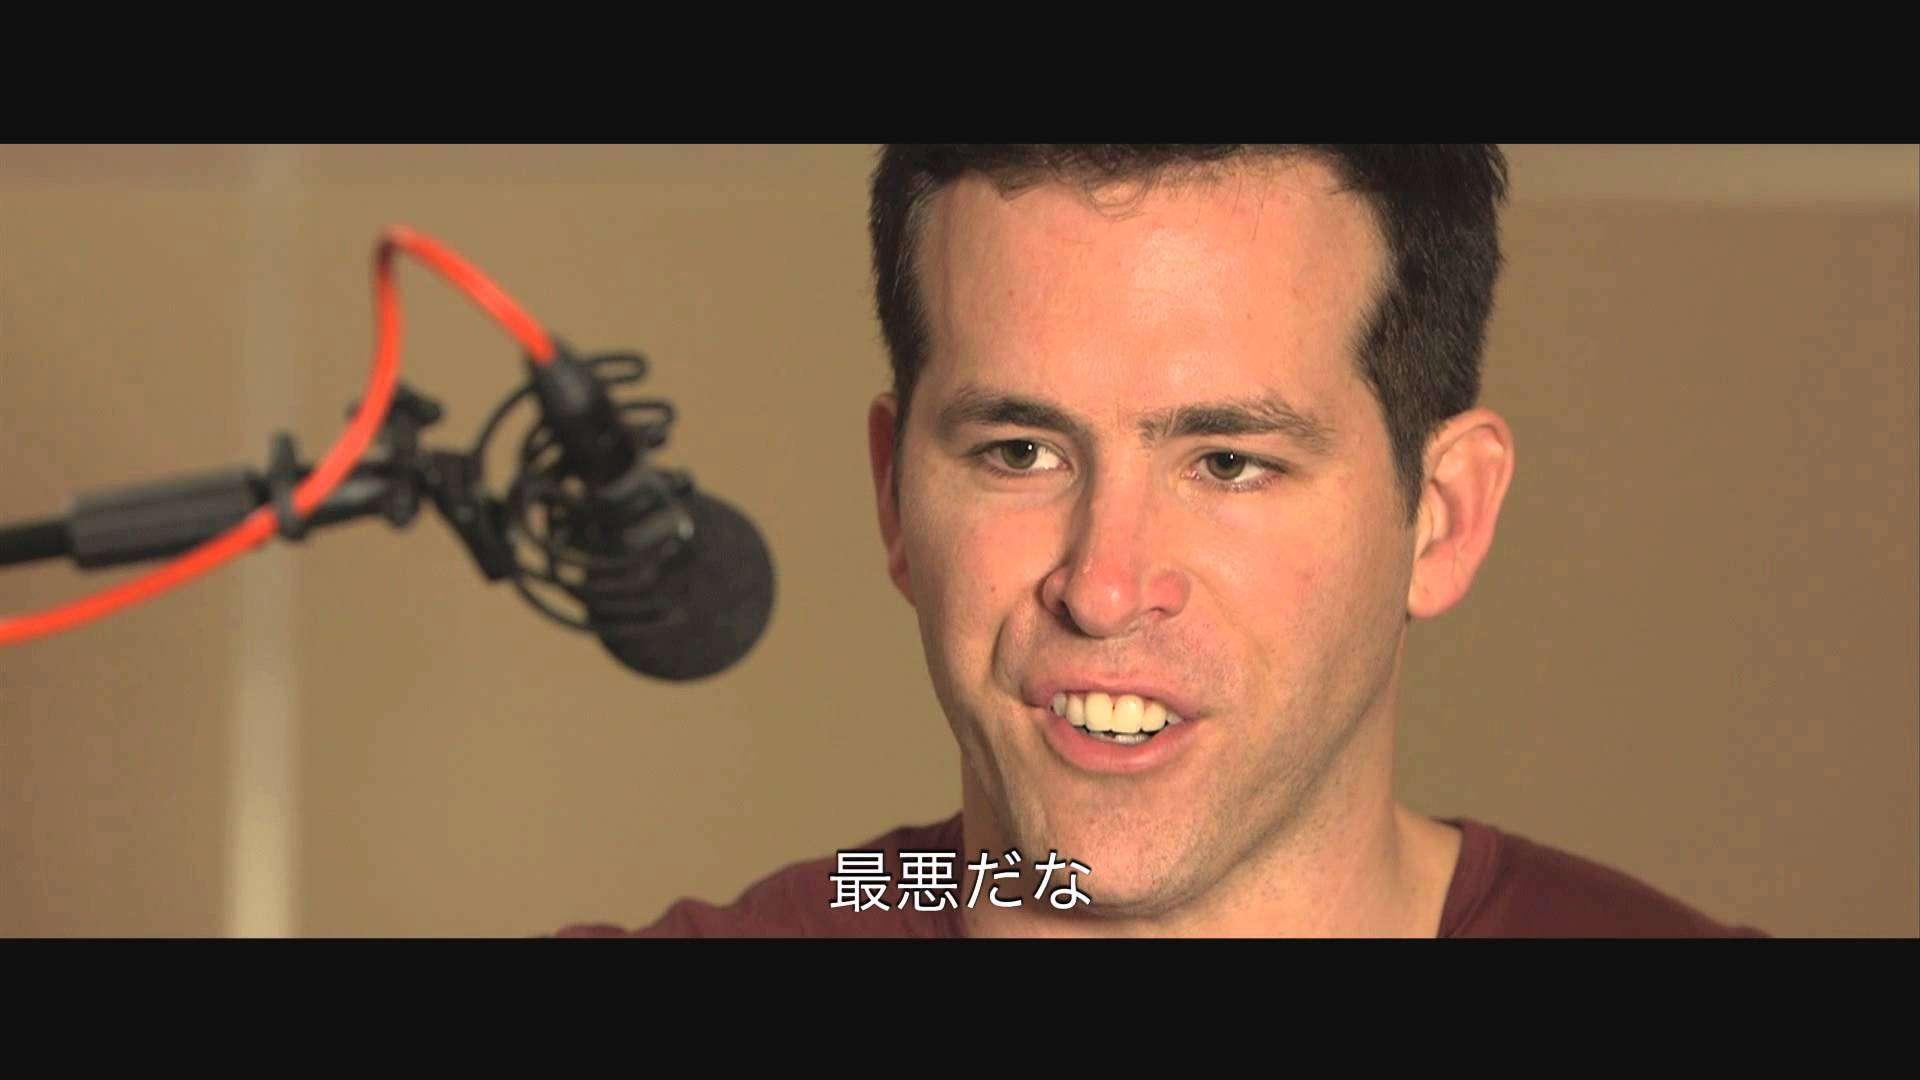 ライアン・レイノルズが一人五役!『ハッピーボイス・キラー』特別篇 - YouTube